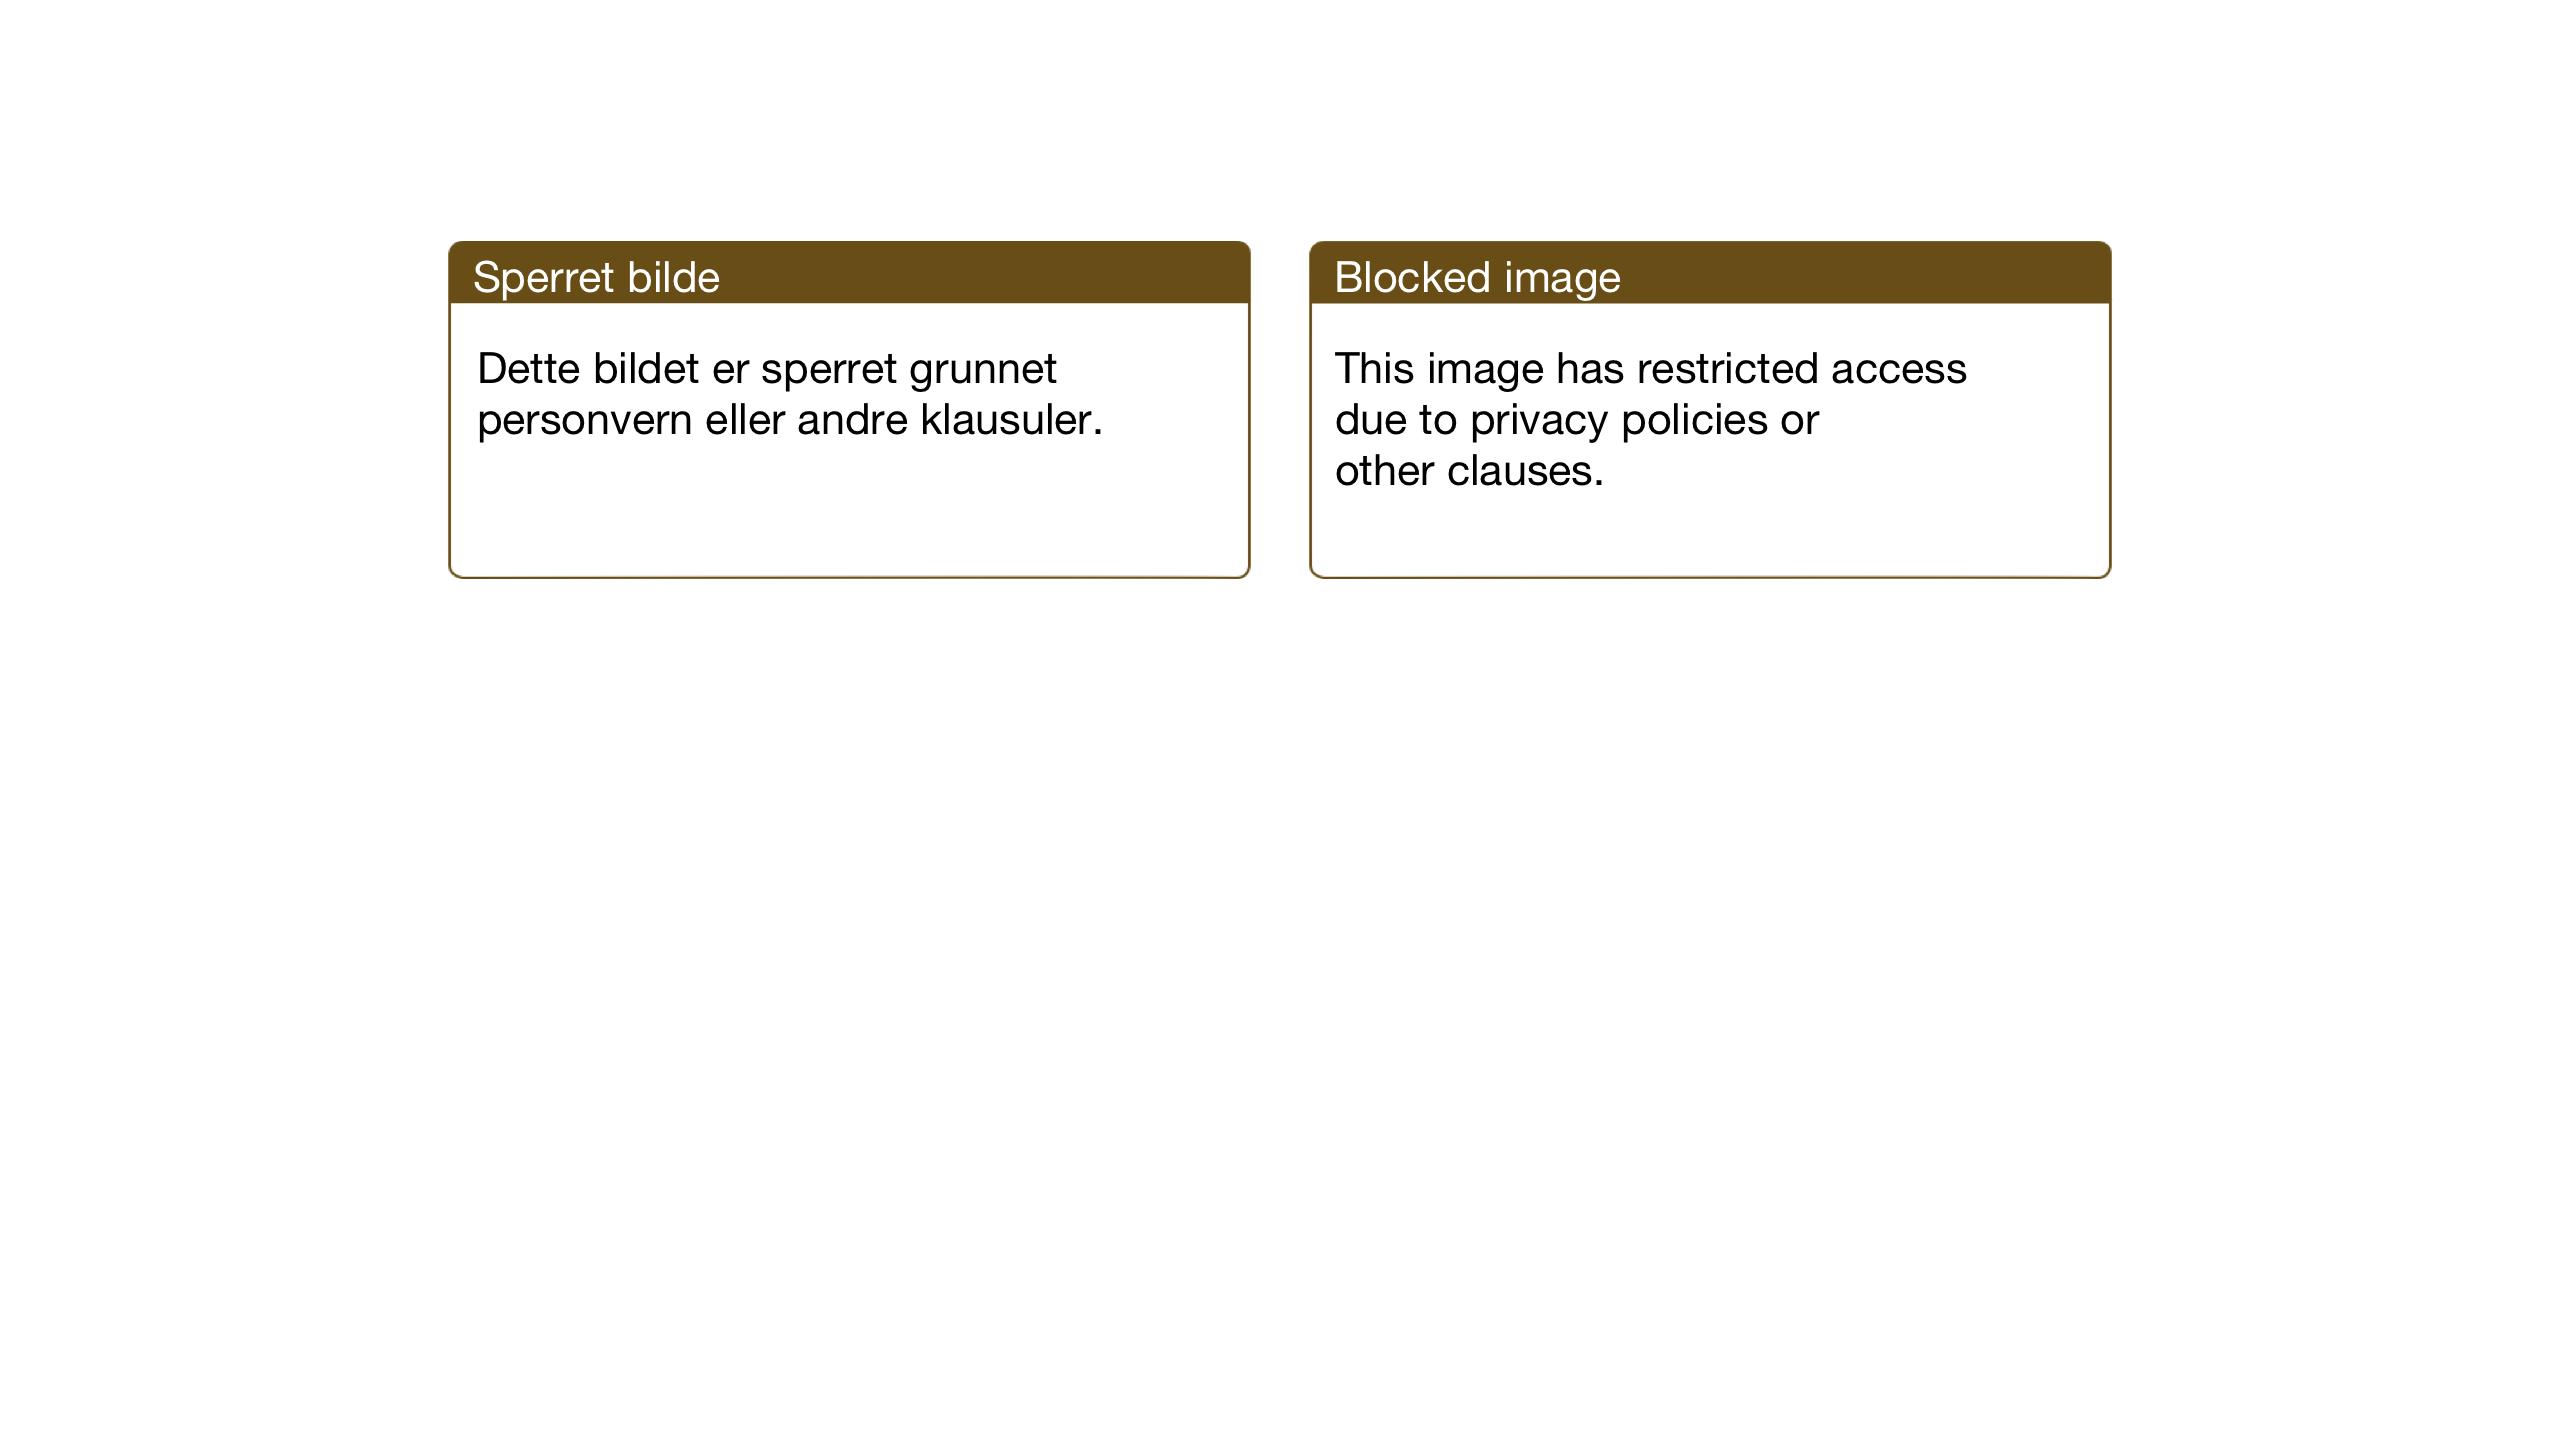 SAT, Ministerialprotokoller, klokkerbøker og fødselsregistre - Sør-Trøndelag, 633/L0521: Klokkerbok nr. 633C03, 1921-1941, s. 80